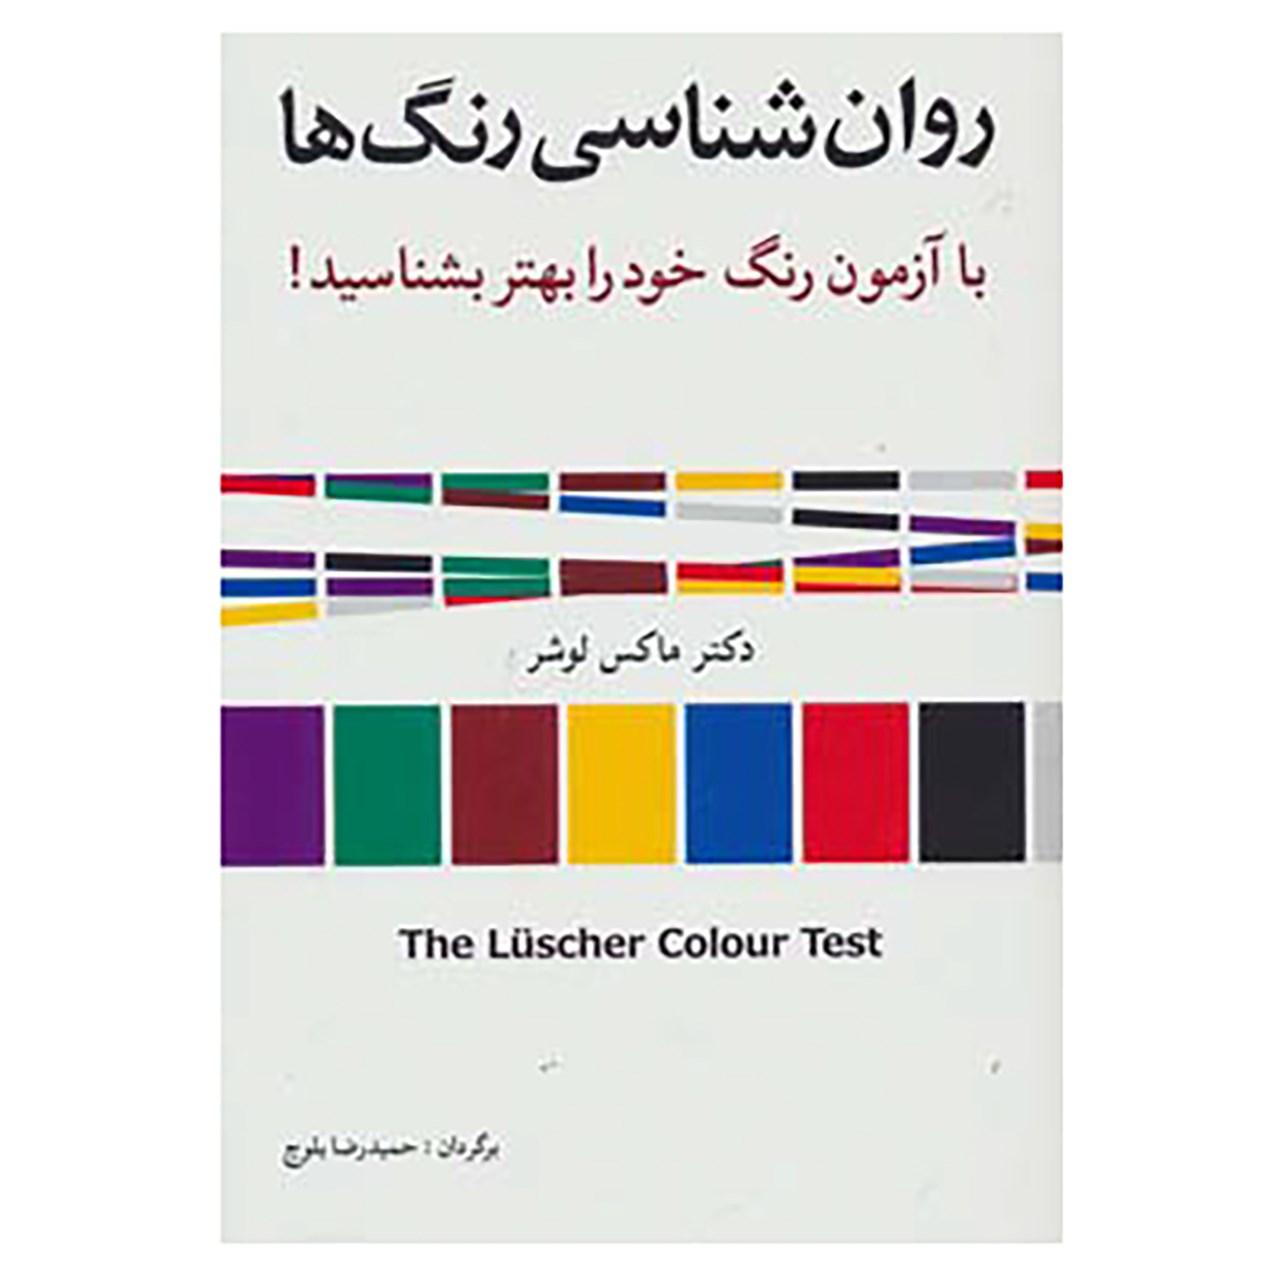 خرید                      کتاب روان شناسی رنگ ها اثر ماکس لوشر